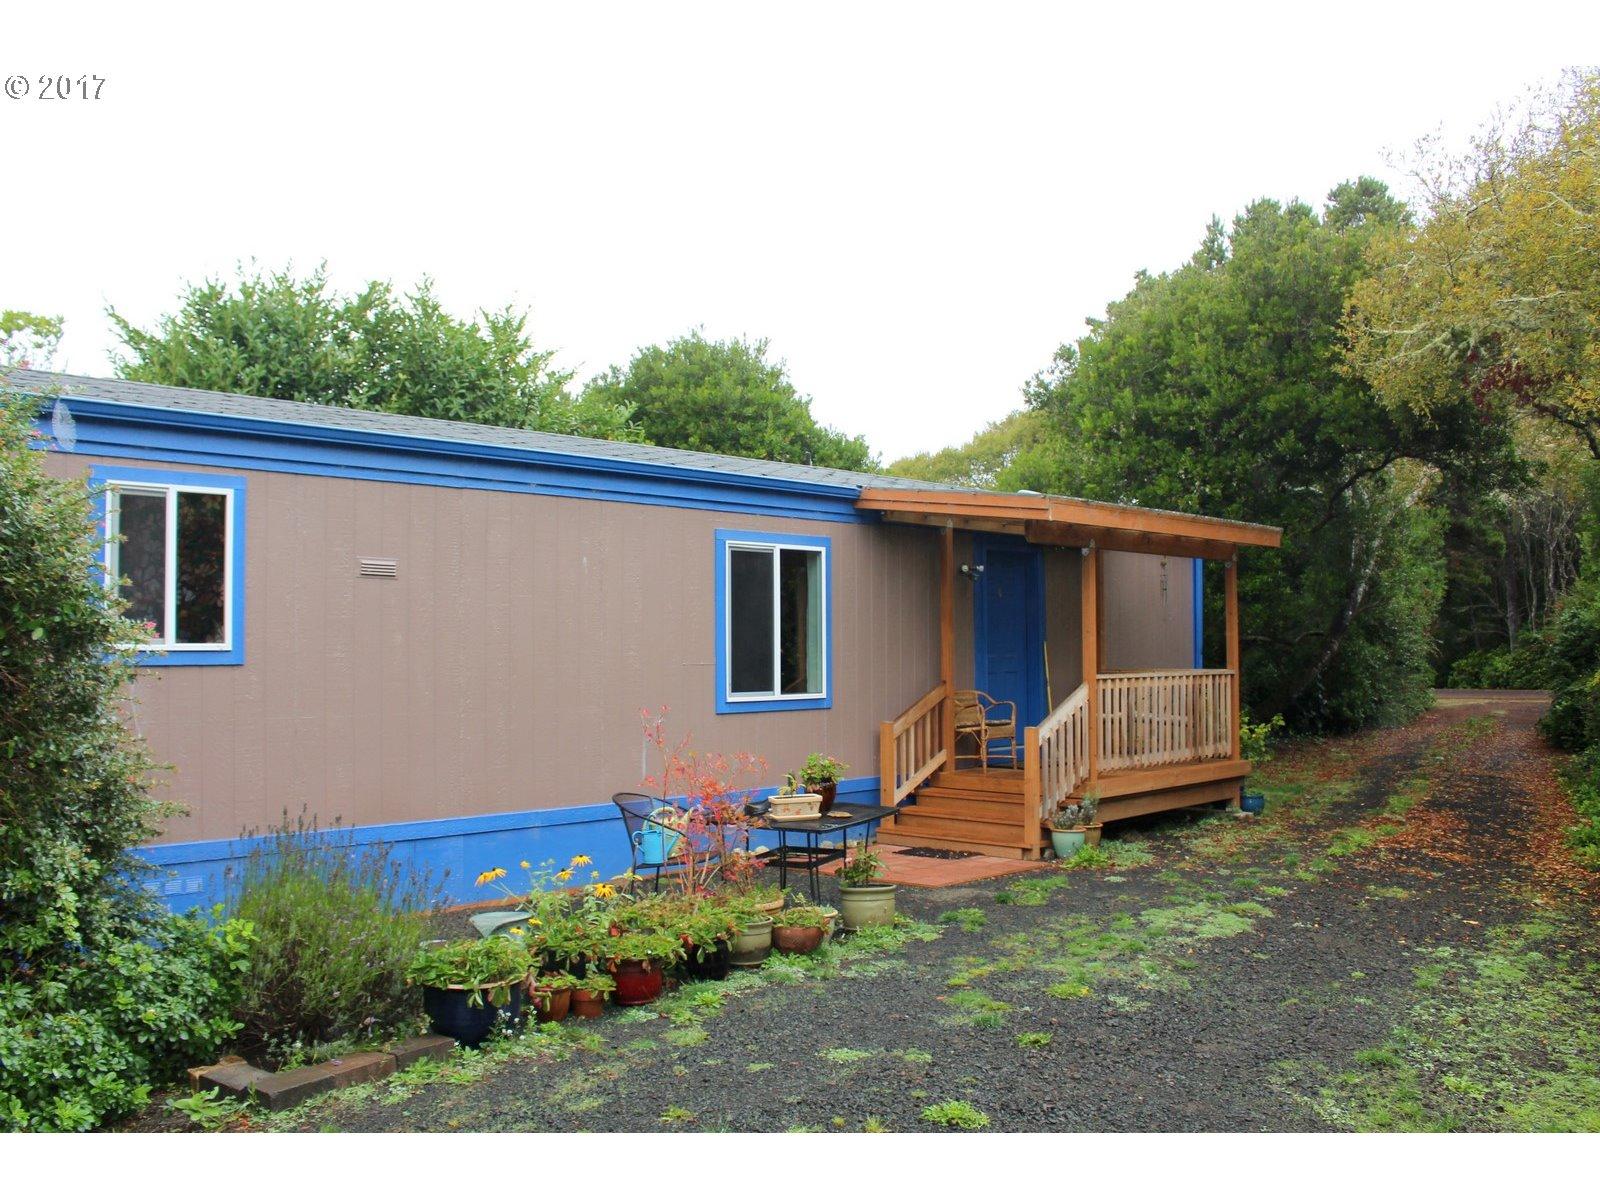 Greentree mobile home repo list - 32